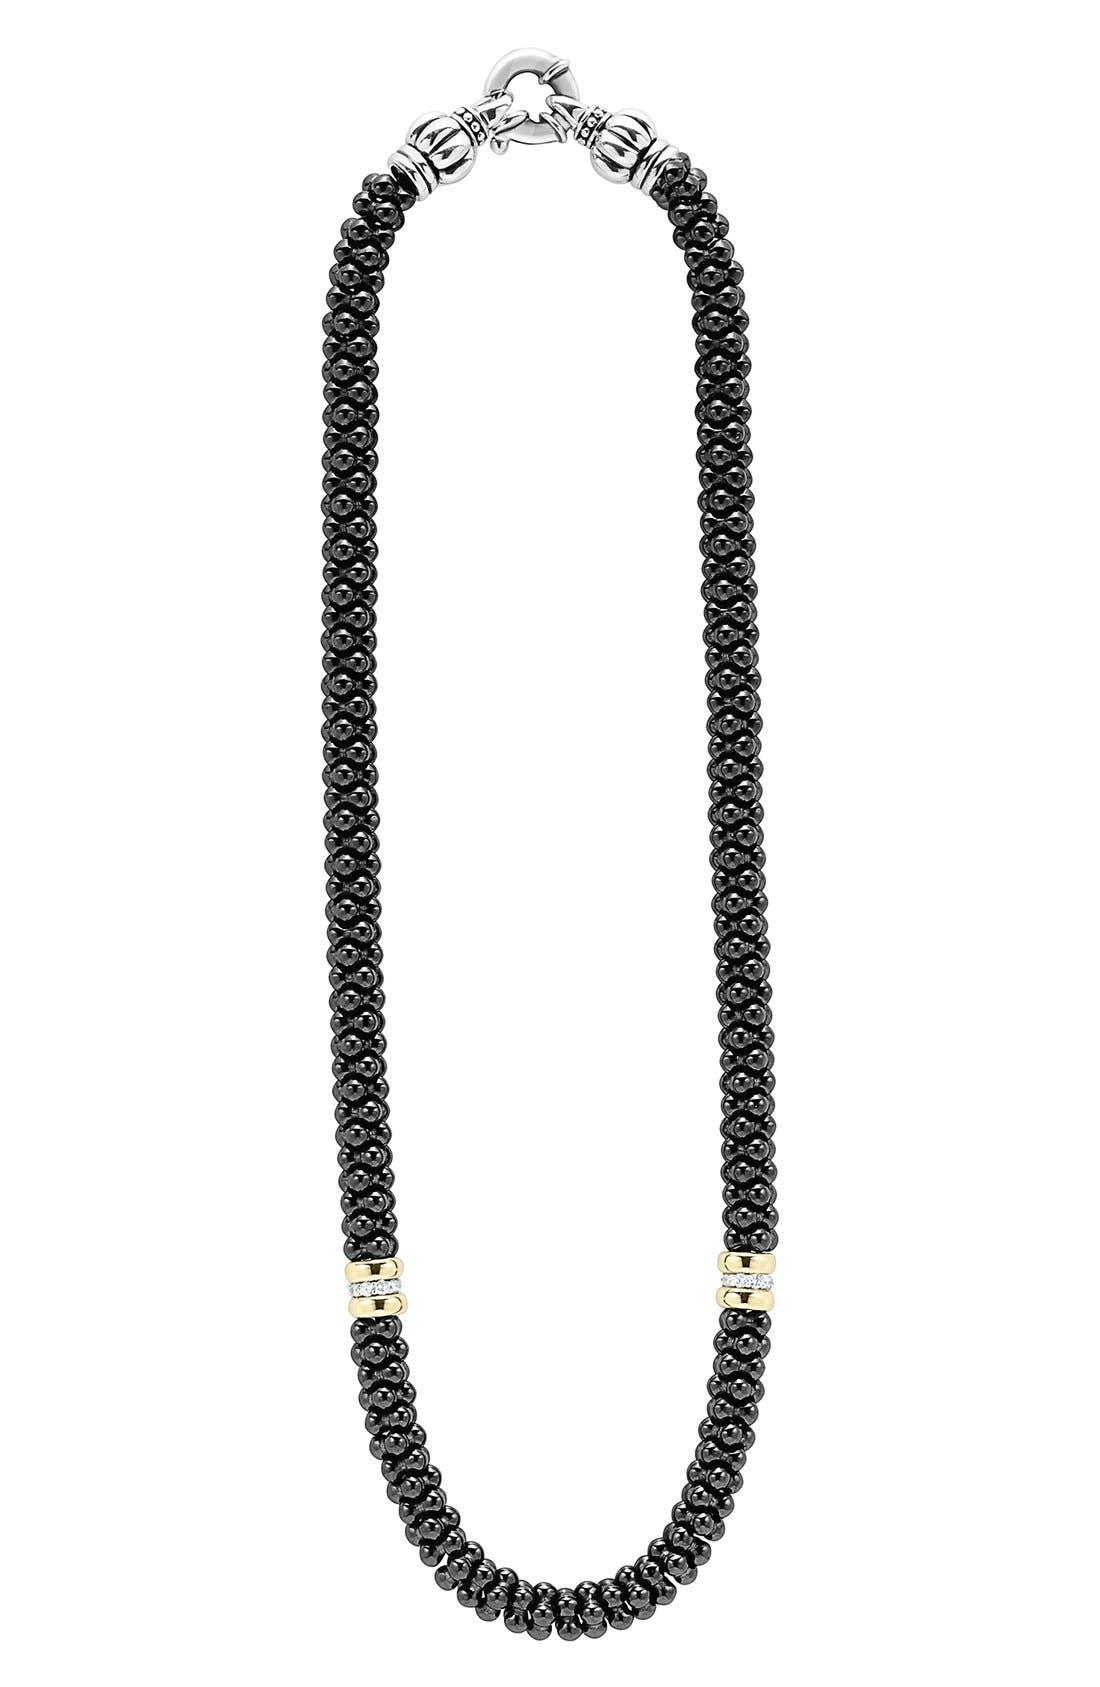 Main Image - LAGOS 'Black Caviar' 7mm Beaded Diamond Station Necklace